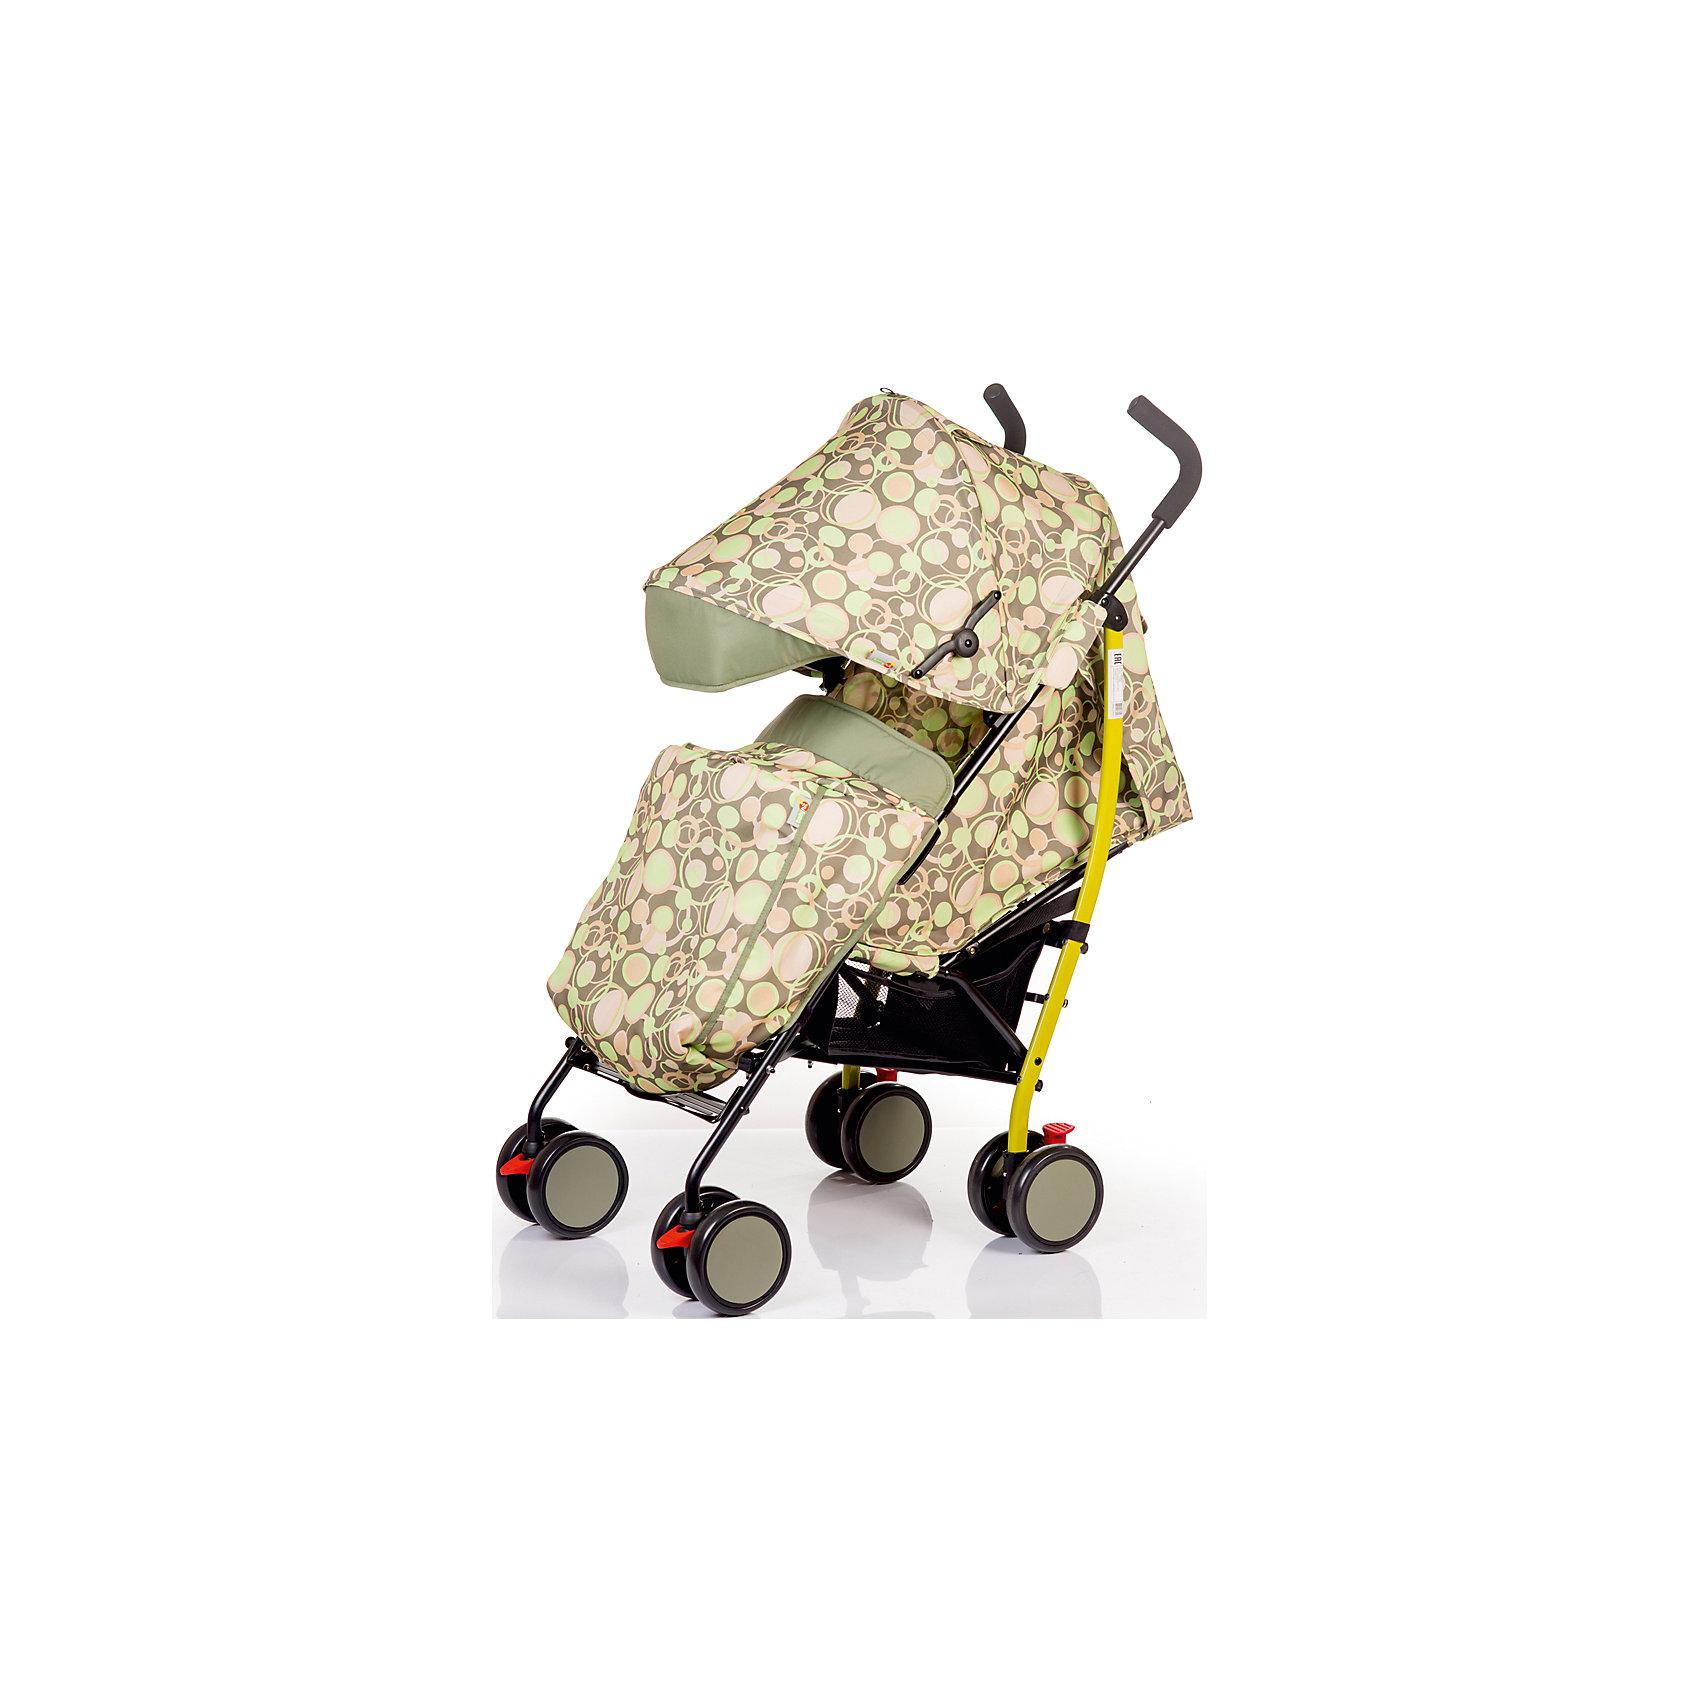 Коляска-трость BabyHit Wonder, оливковыйНедорогие коляски<br>Характеристики коляски-трости:<br><br>• наклон спинки регулируется в 3-х положениях вплоть до горизонтального;<br>• подножка регулируется;<br>• система 5-ти точечных ремней безопасности с мягкими накладками;<br>• имеется защитный бампер с паховым ограничителем;<br>• глубокий капюшон-батискаф;<br>• капюшон оснащен смотровым окошком и солнцезащитным козырьком;<br>• сзади на капюшоне имеется кармашек для аксессуаров;<br>• в комплекте чехол на ножки и москитная сетка;<br>• колеса сдвоенные, оснащены плавающим механизмом с блокировкой и ножным тормозом;<br>• система амортизации;<br>• тип складывания: трость.<br><br>Размер коляски: 107х82х50 см<br>Размер коляски в сложенном виде: 105х33х30 см<br>Вес коляски: 7,2 кг<br>Диаметр колес: 15,2 см<br>Размер сиденья: 33х21 см<br>Высота спинки: 43 см<br>Длина спального места: 77 см<br>Размер упаковки: 102х34х25,5 см<br>Вес в упаковке: 9,2 кг<br><br>Коляску-трость WONDER, Babyhit, оливковый цвет можно купить в нашем интернет-магазине.<br><br>Ширина мм: 225<br>Глубина мм: 340<br>Высота мм: 1020<br>Вес г: 8000<br>Возраст от месяцев: 6<br>Возраст до месяцев: 36<br>Пол: Унисекс<br>Возраст: Детский<br>SKU: 4788064